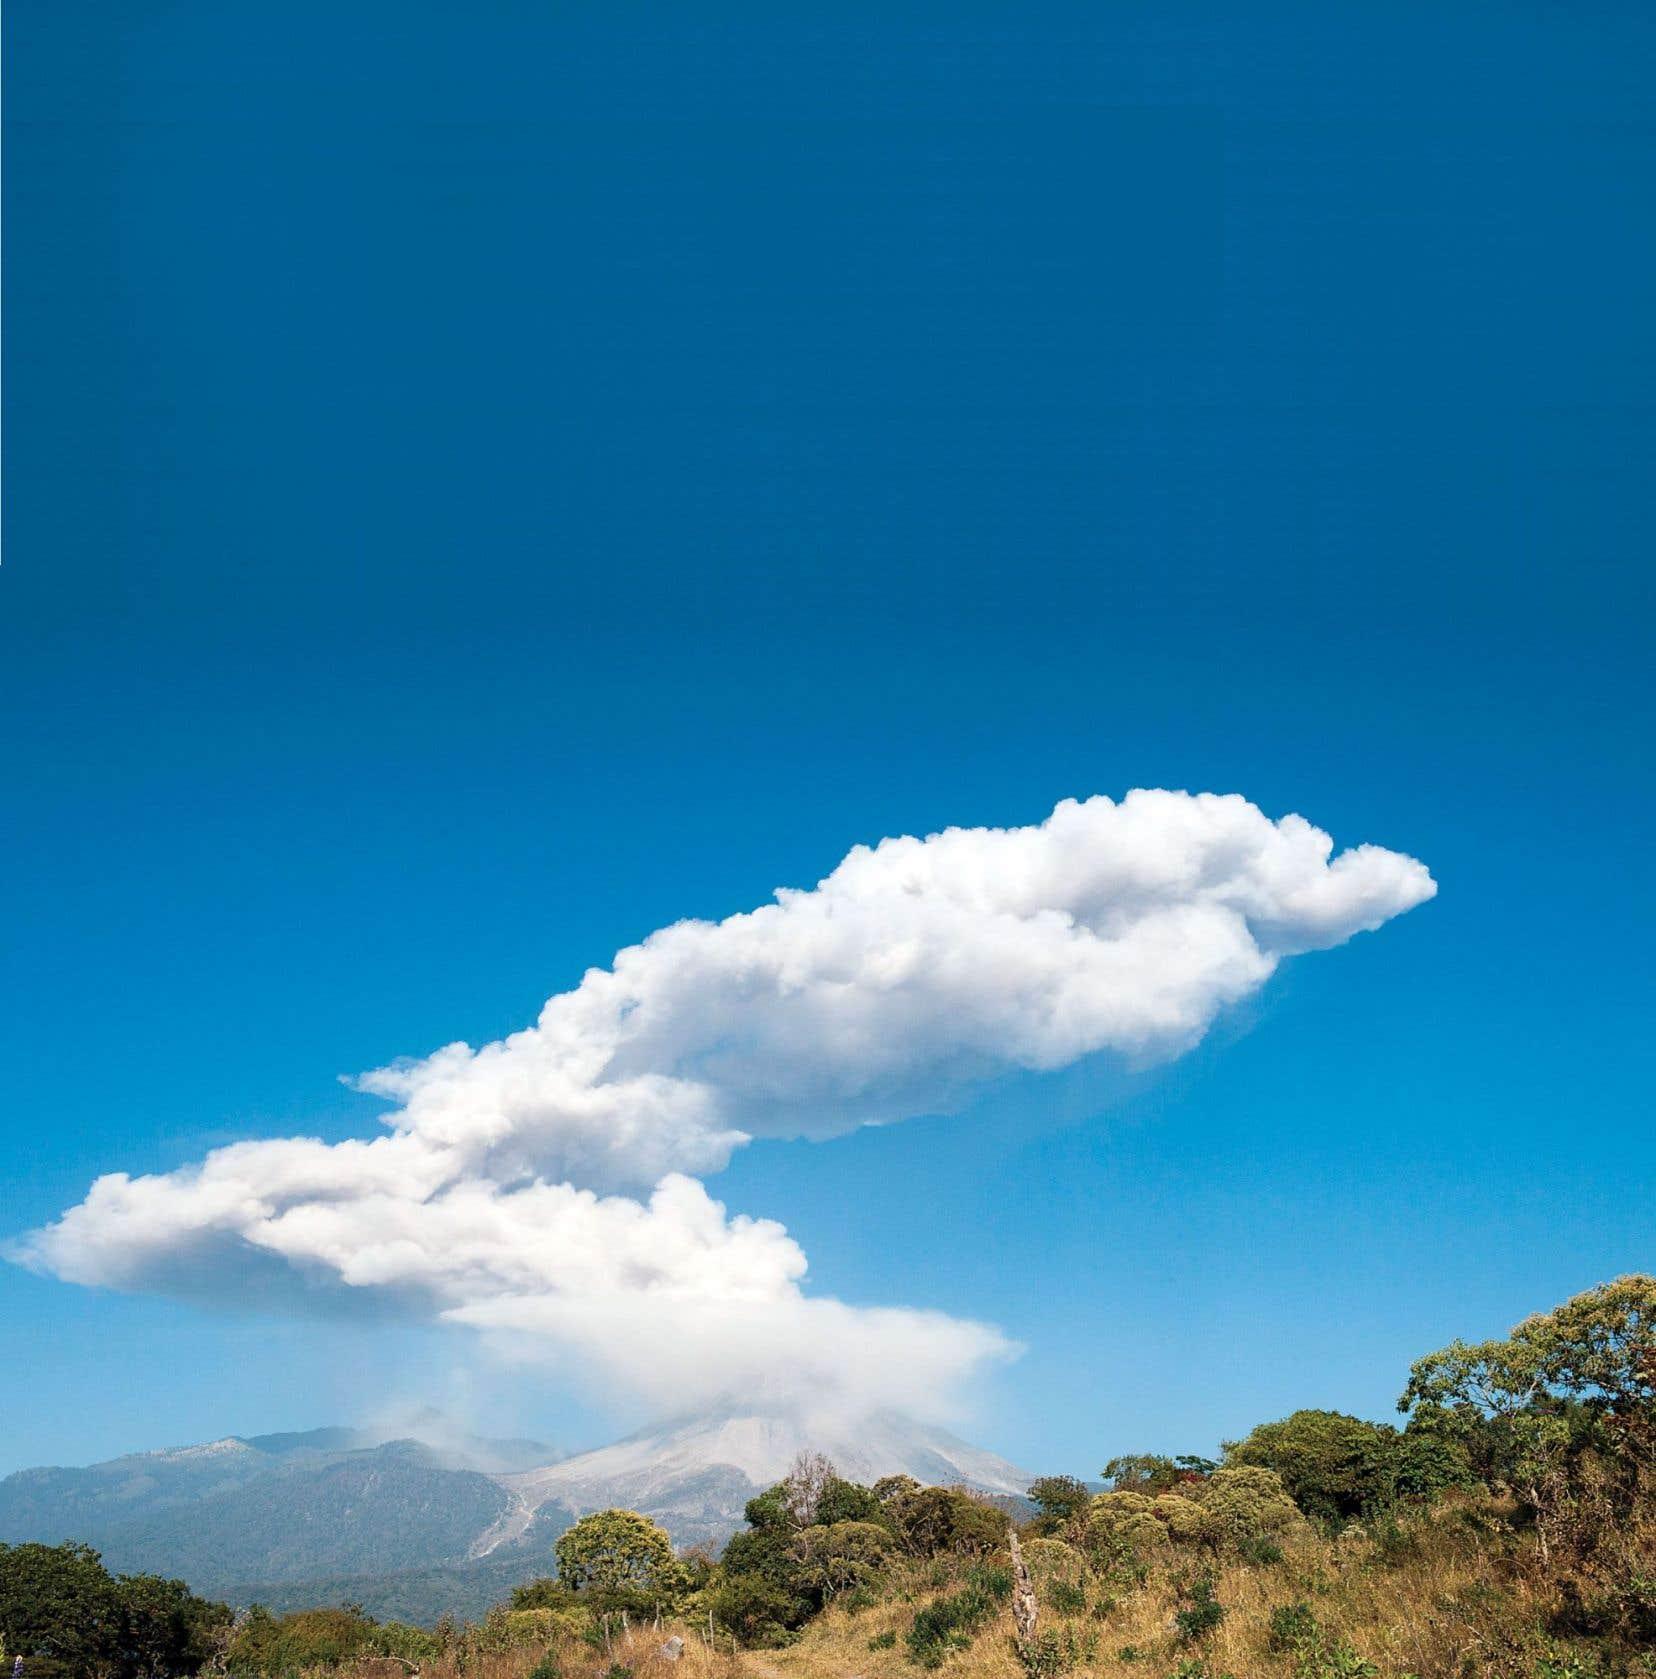 Le volcan Fuego rejetant cendres et fumée le 23 janvier 2017, comme on le voit depuis San Antonio, dans l'État de Colima, au Mexique. C'est l'un des plus actifs du pays.